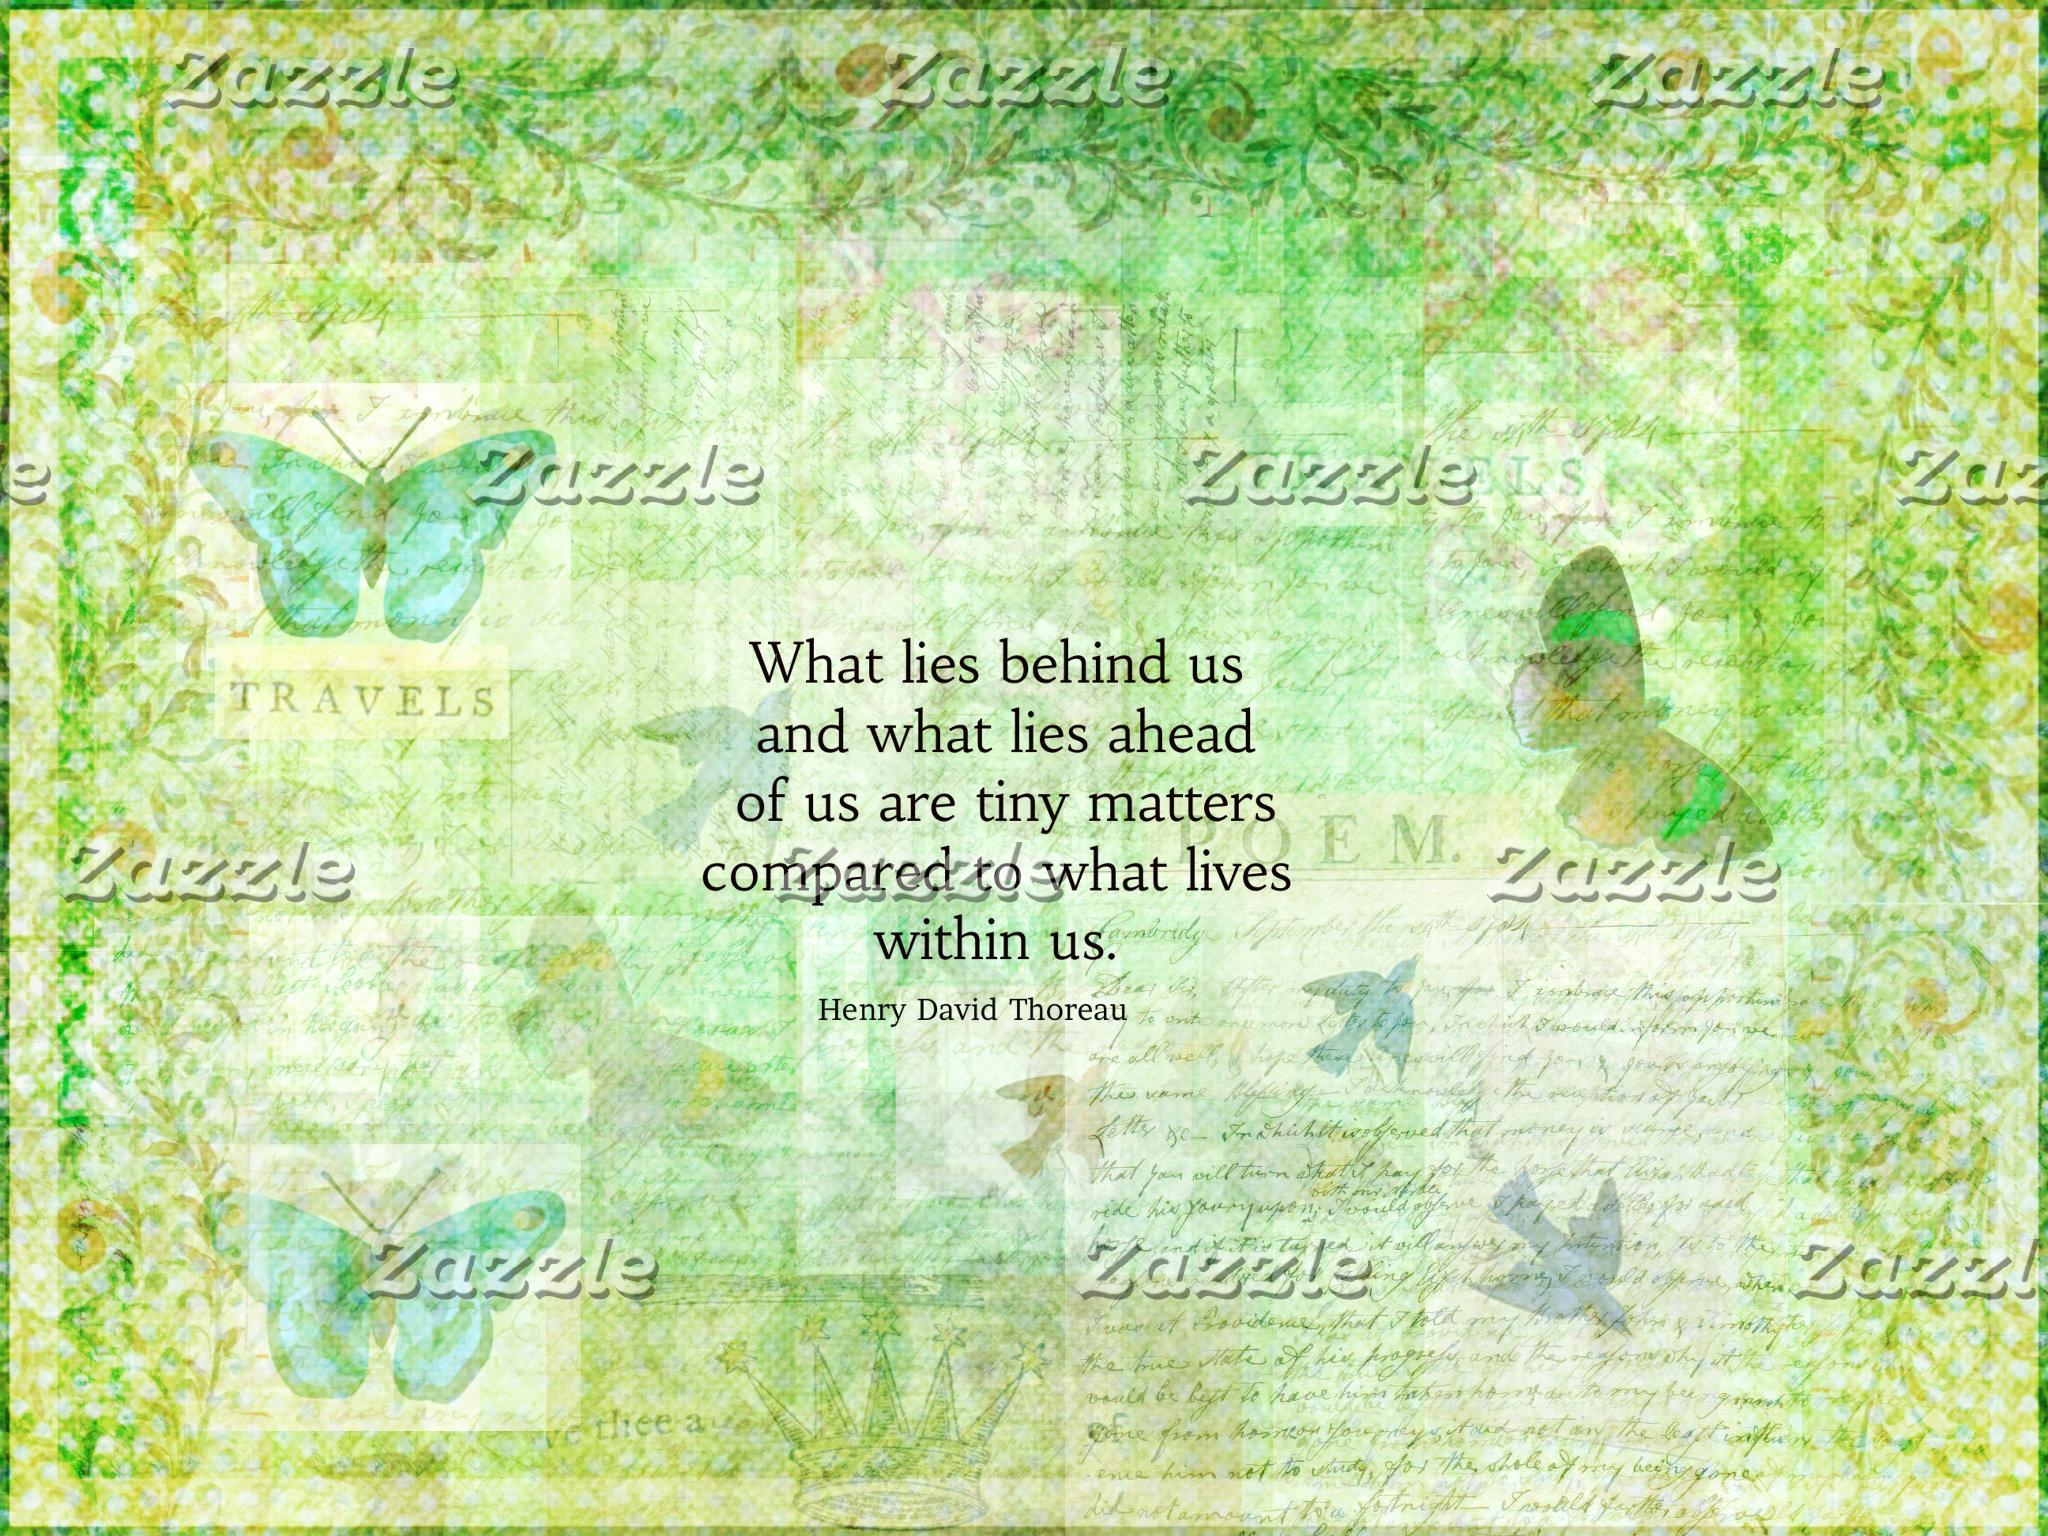 Henry David Thoreau quotes